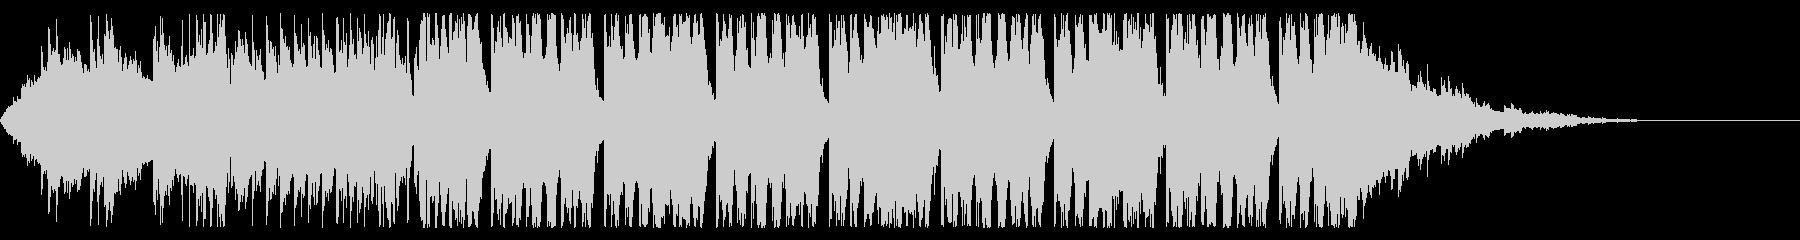 明るい系フューチャーベース(セリフあり)の未再生の波形